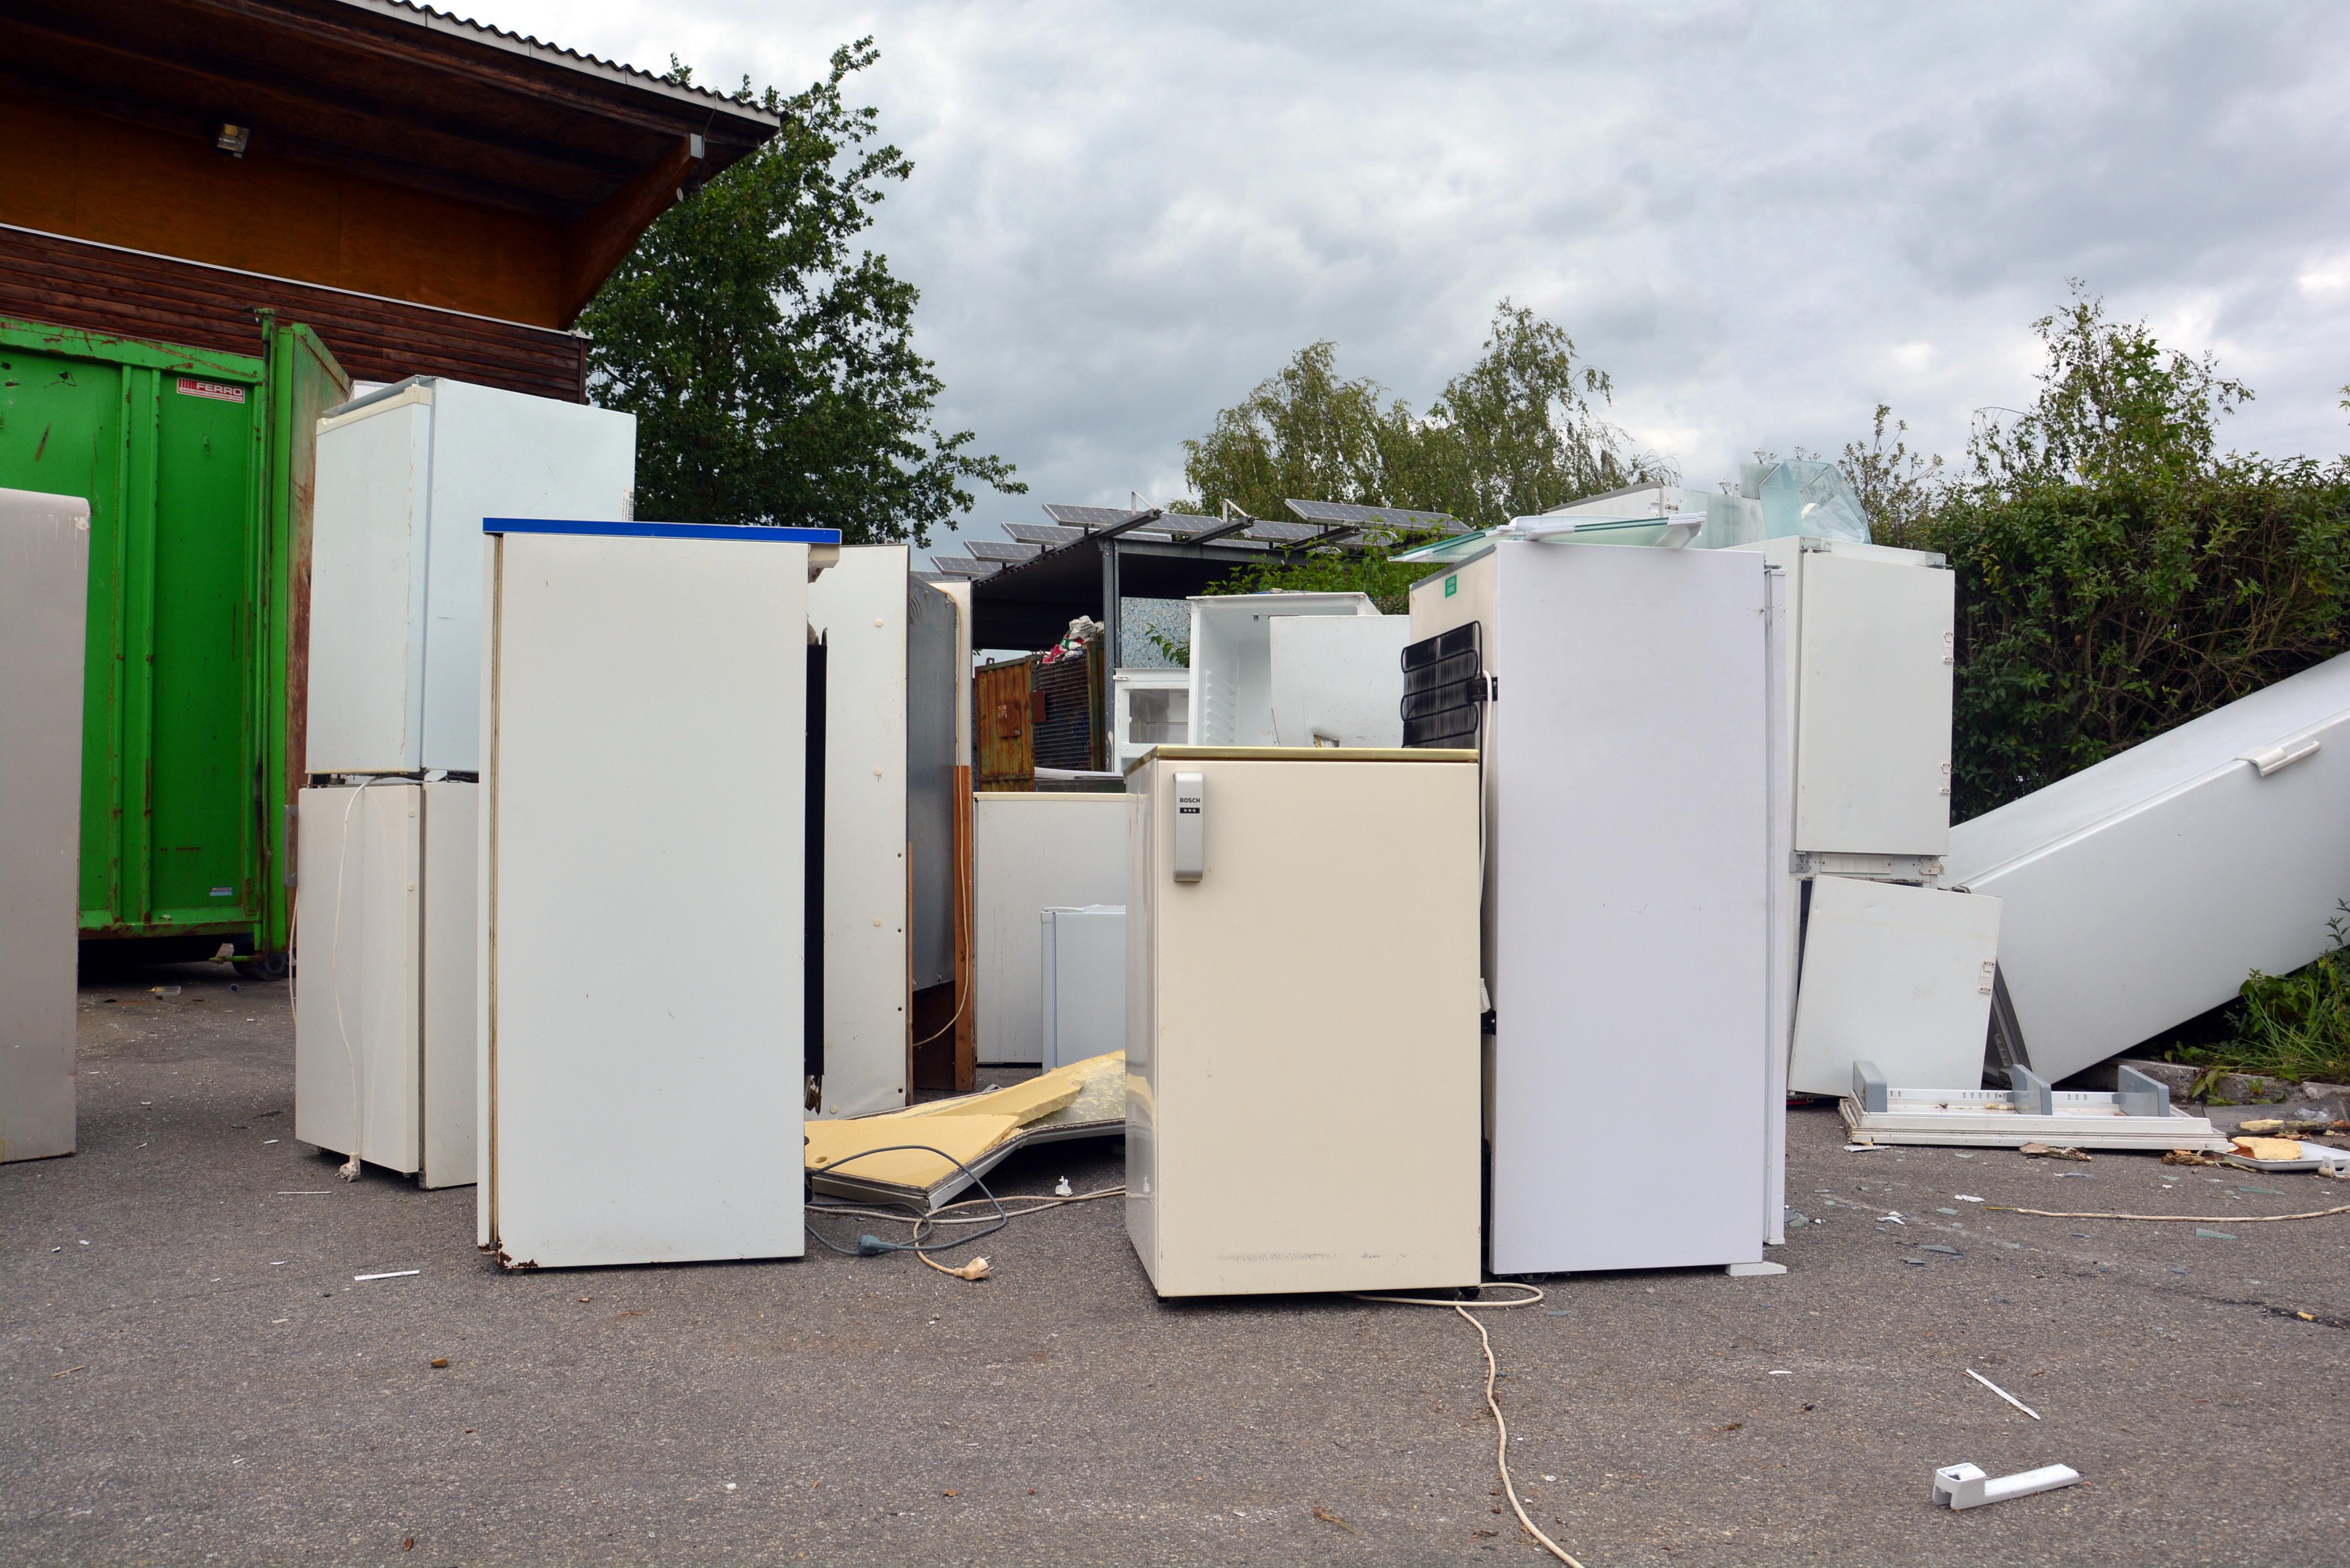 Bosch Kühlschrank Zu Laut : Ältester kühlschrank im landkreis pfaffenhofen a d ilm gesucht